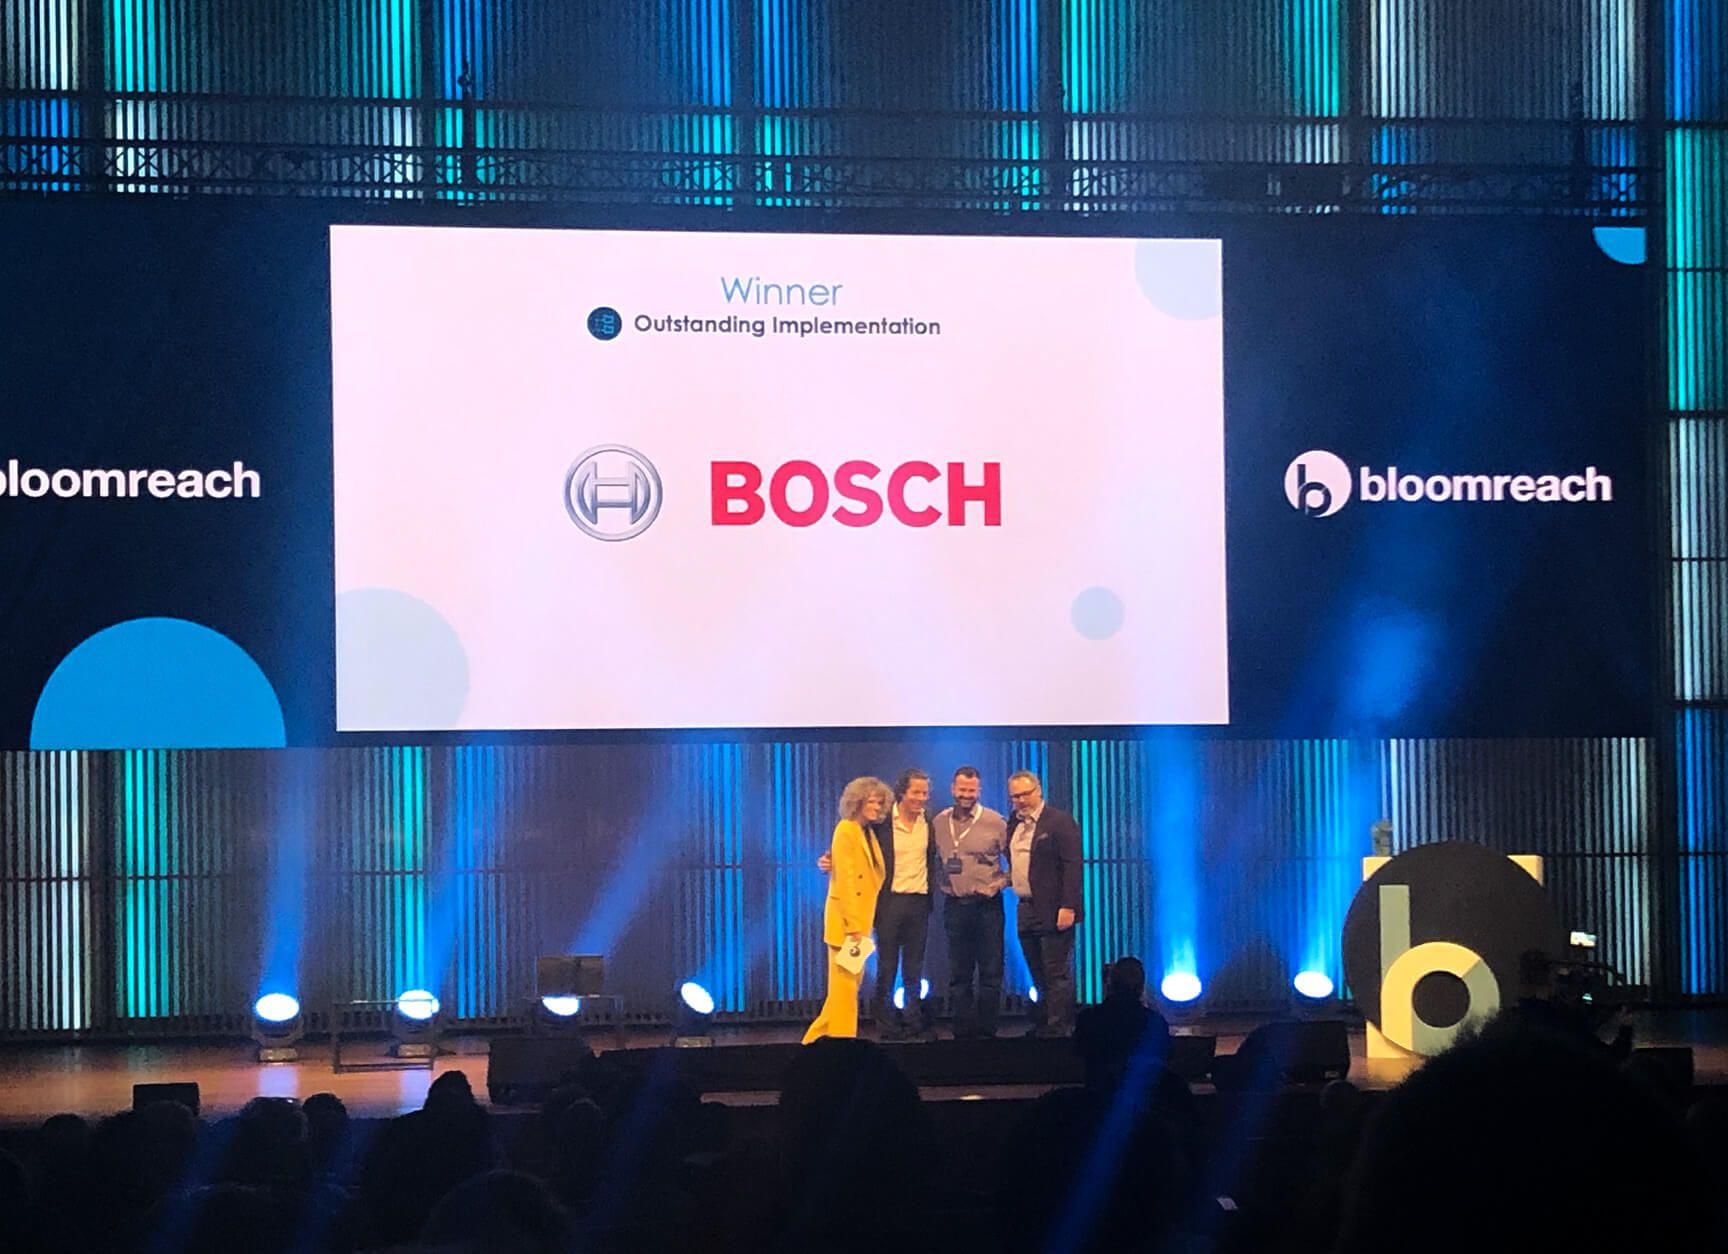 diva-e nimmt als größter Partner im DACH-Raum an BloomReach Connect teil